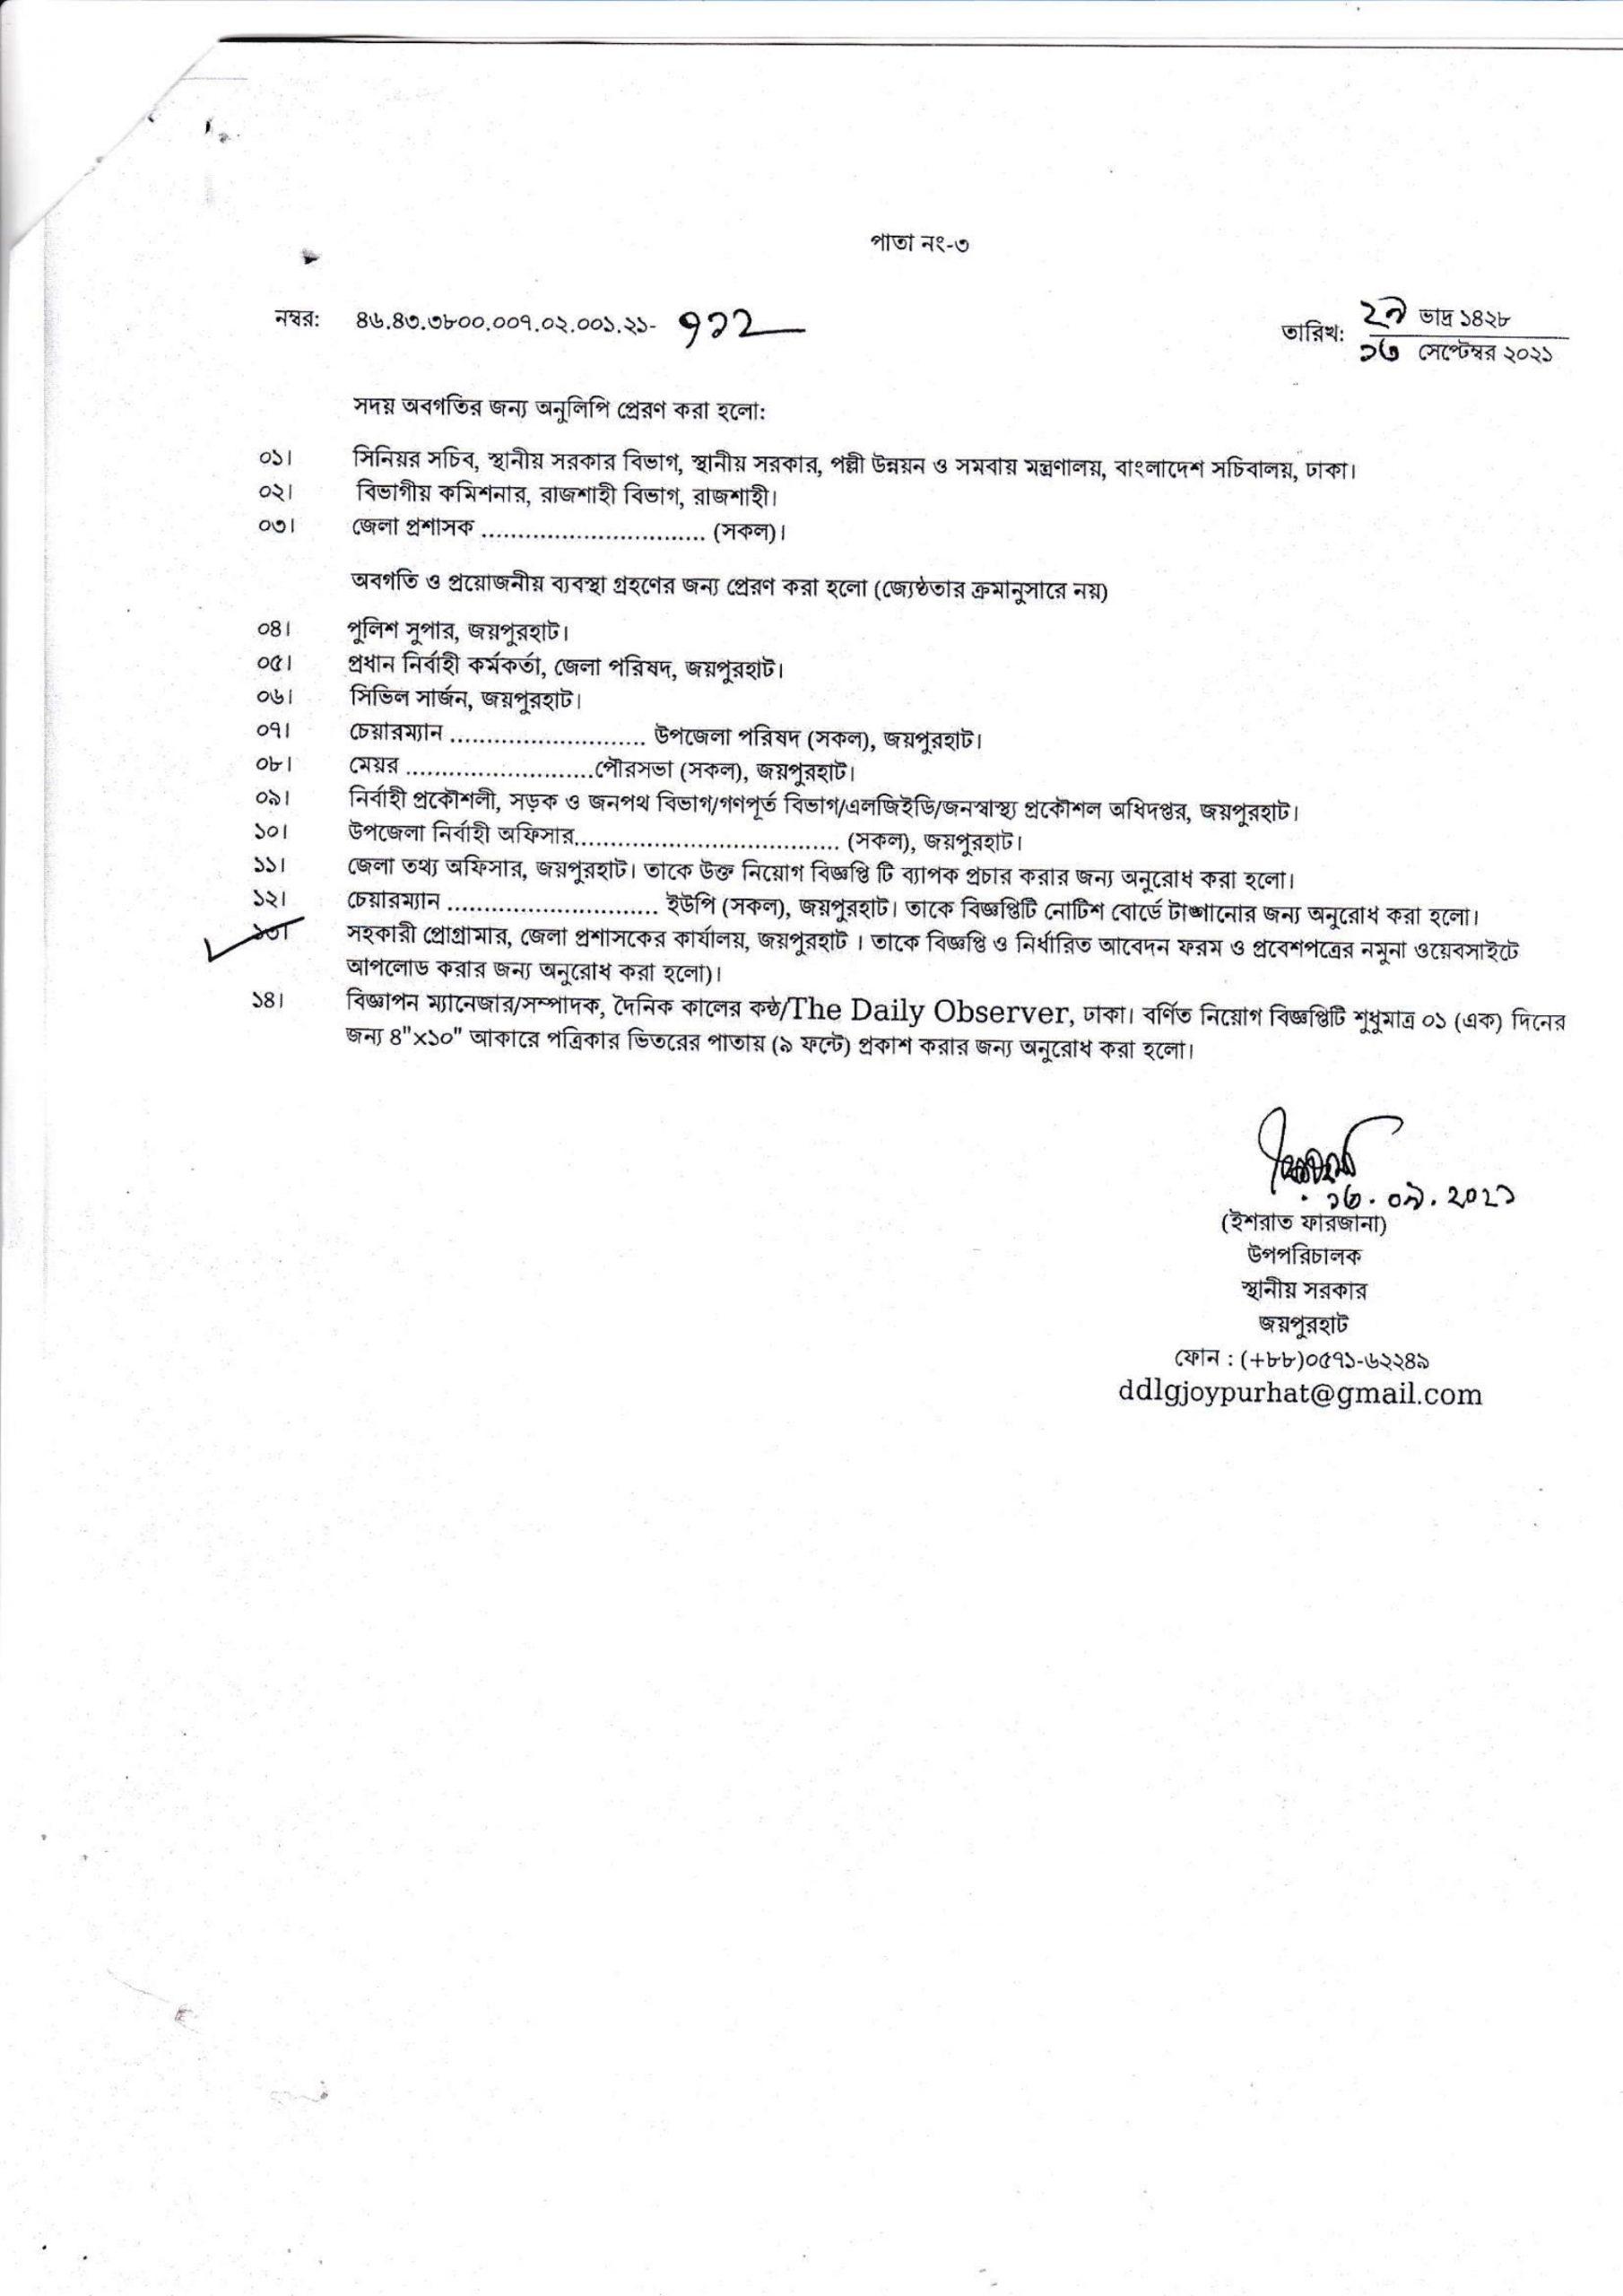 Joypurhat DC Office Job Circular 2021 জয়পুরহাট জেলা প্রশাসকের কার্যালয় নিয়োগ বিজ্ঞপ্তি ২০২১, Joypurhat District Commissioner Office Job Circular 2021-3